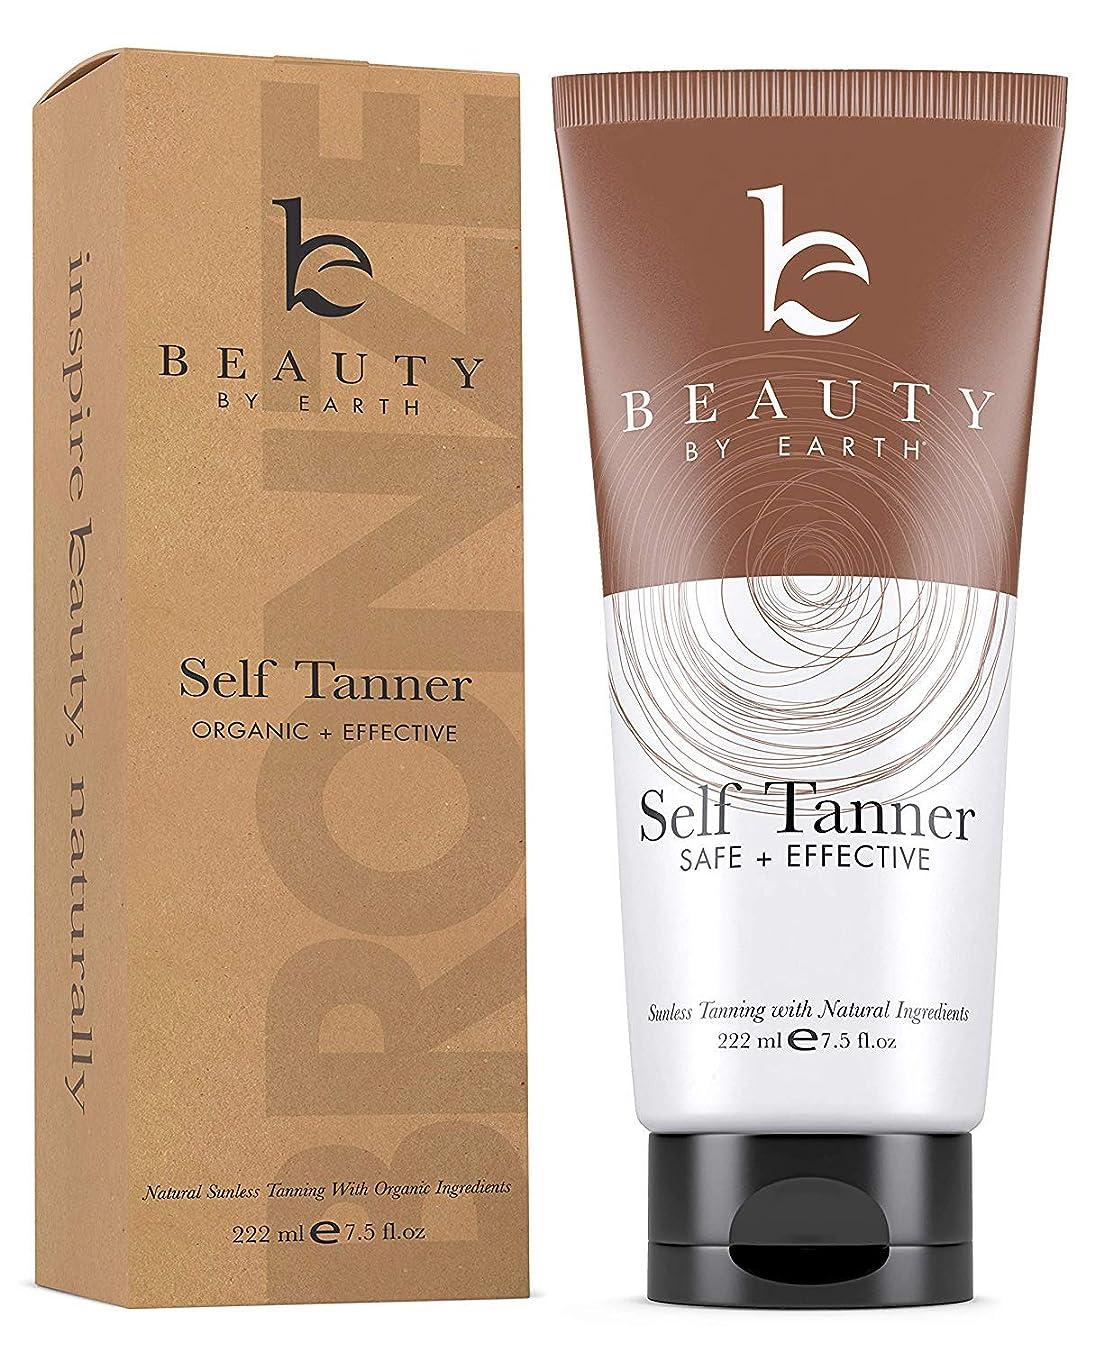 ワークショップ応じる把握Beauty by Earth Dye-Free Natural Sunless Self Tanner for Bronzer and Golden Tan, 7.5 oz.